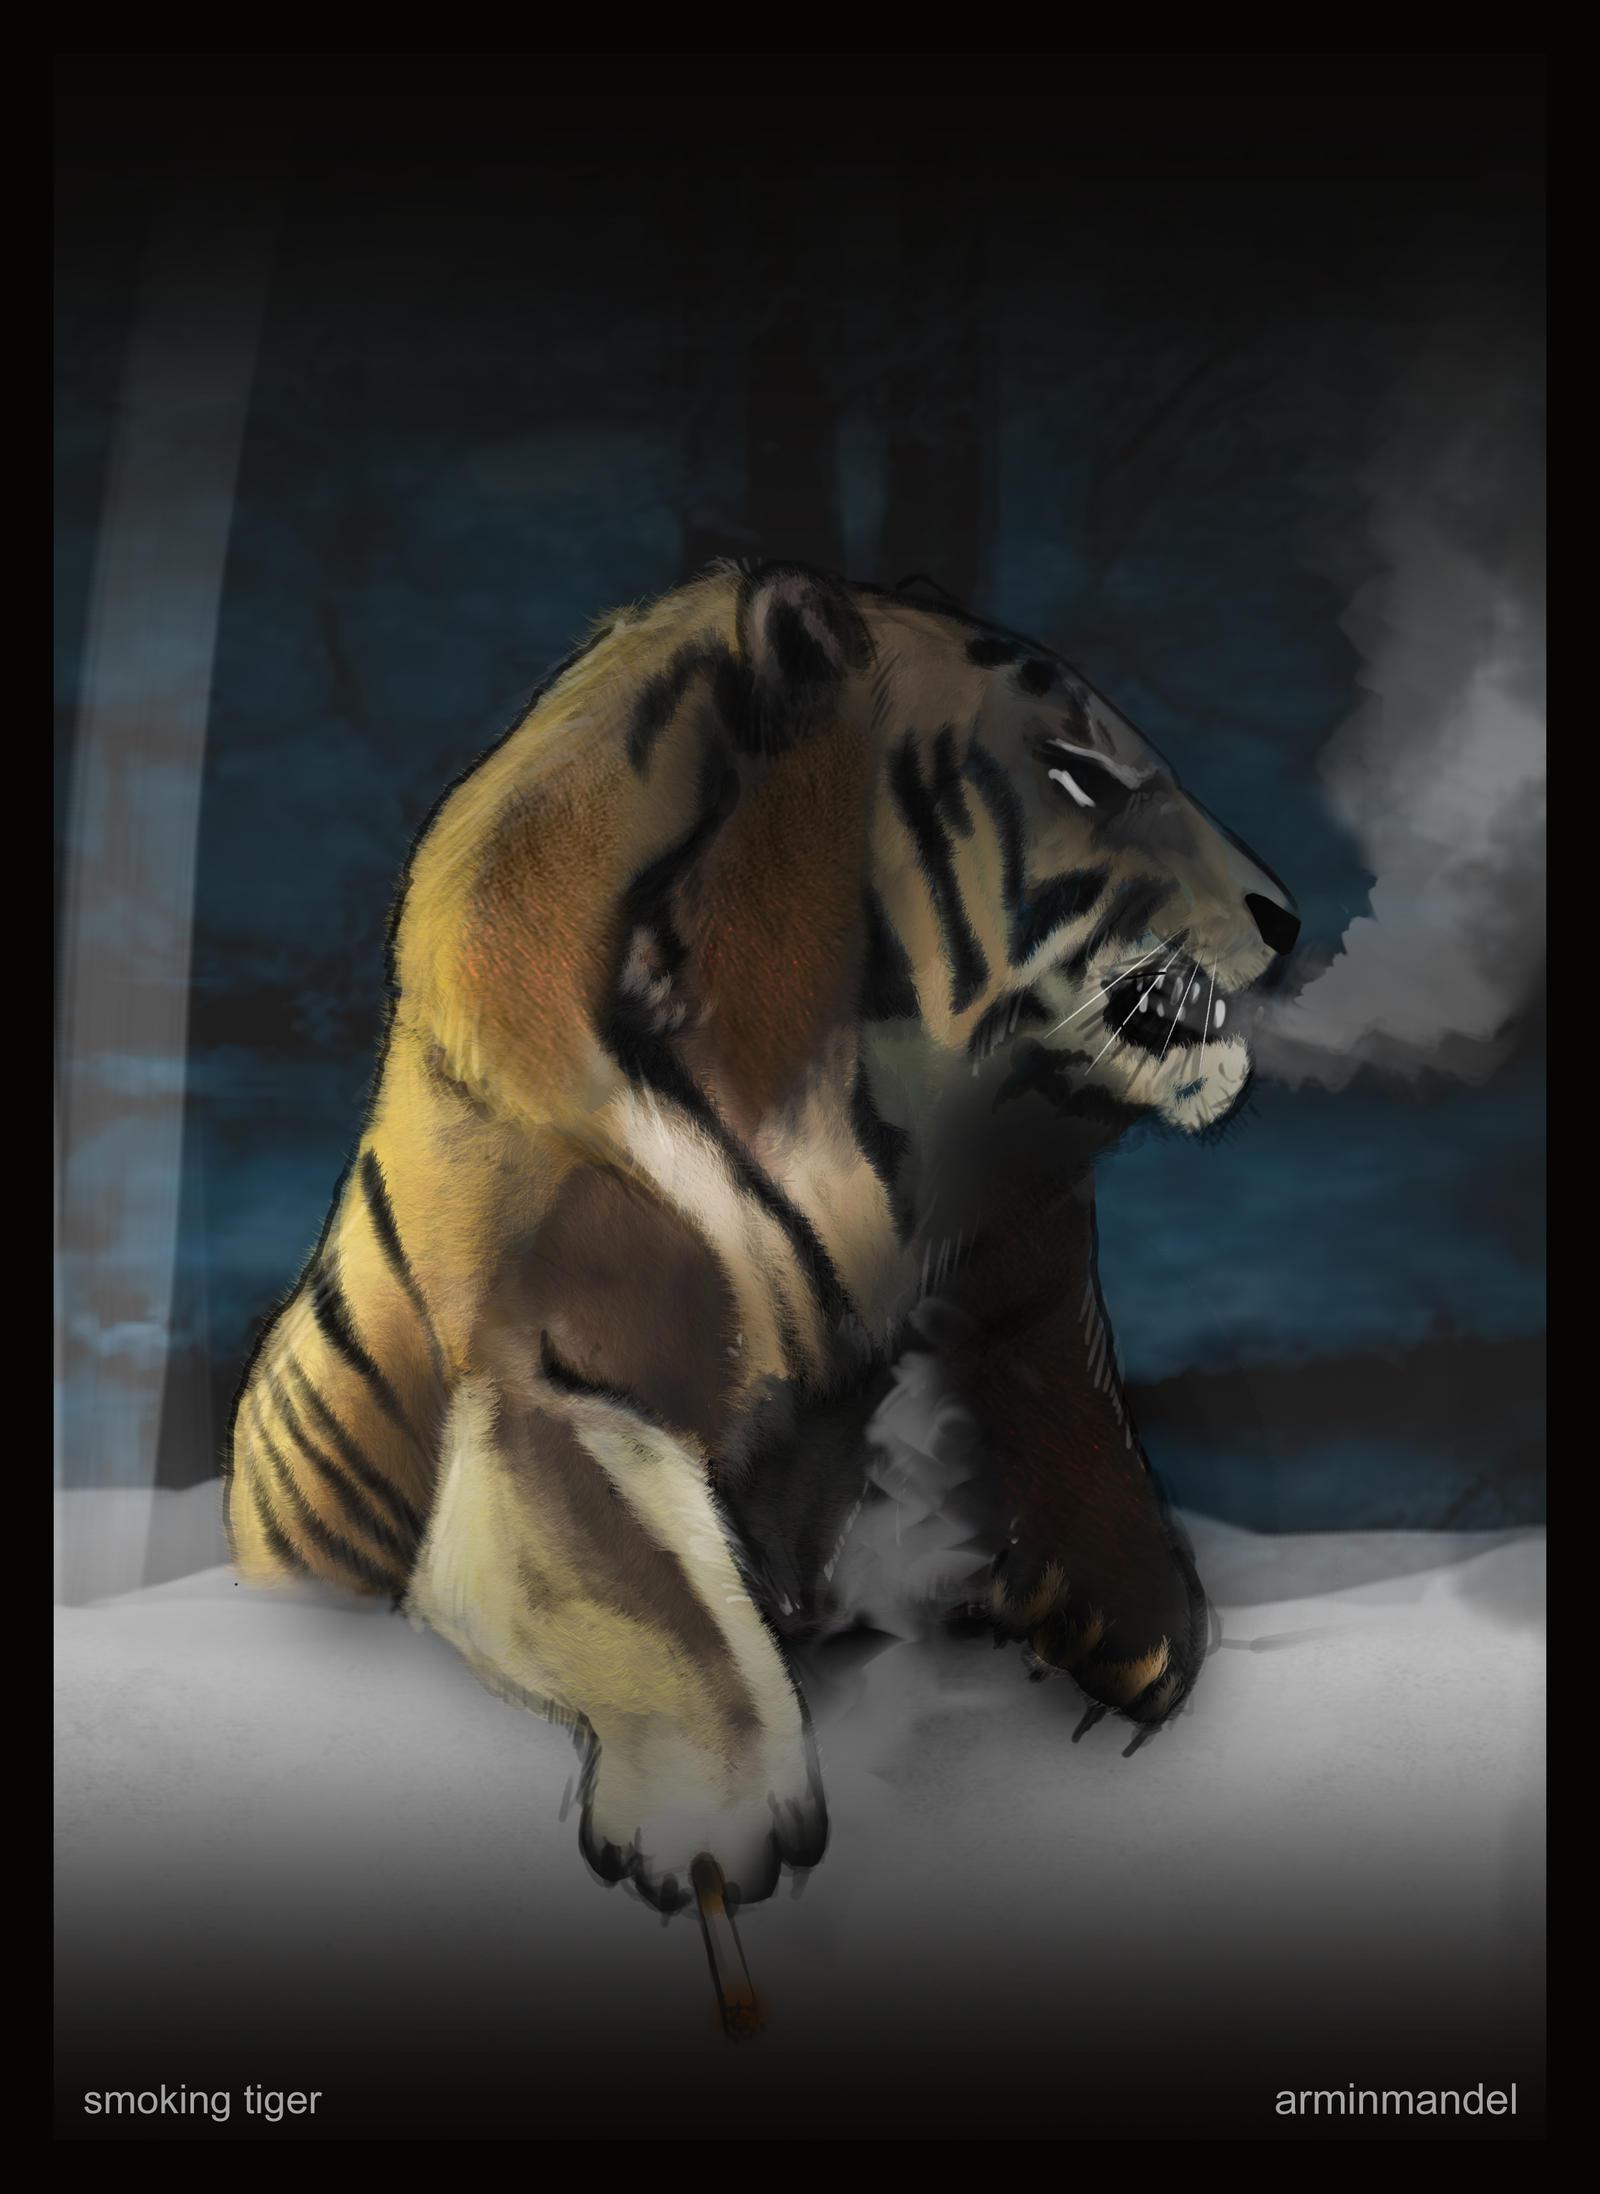 Smoking tiger by AzArm222